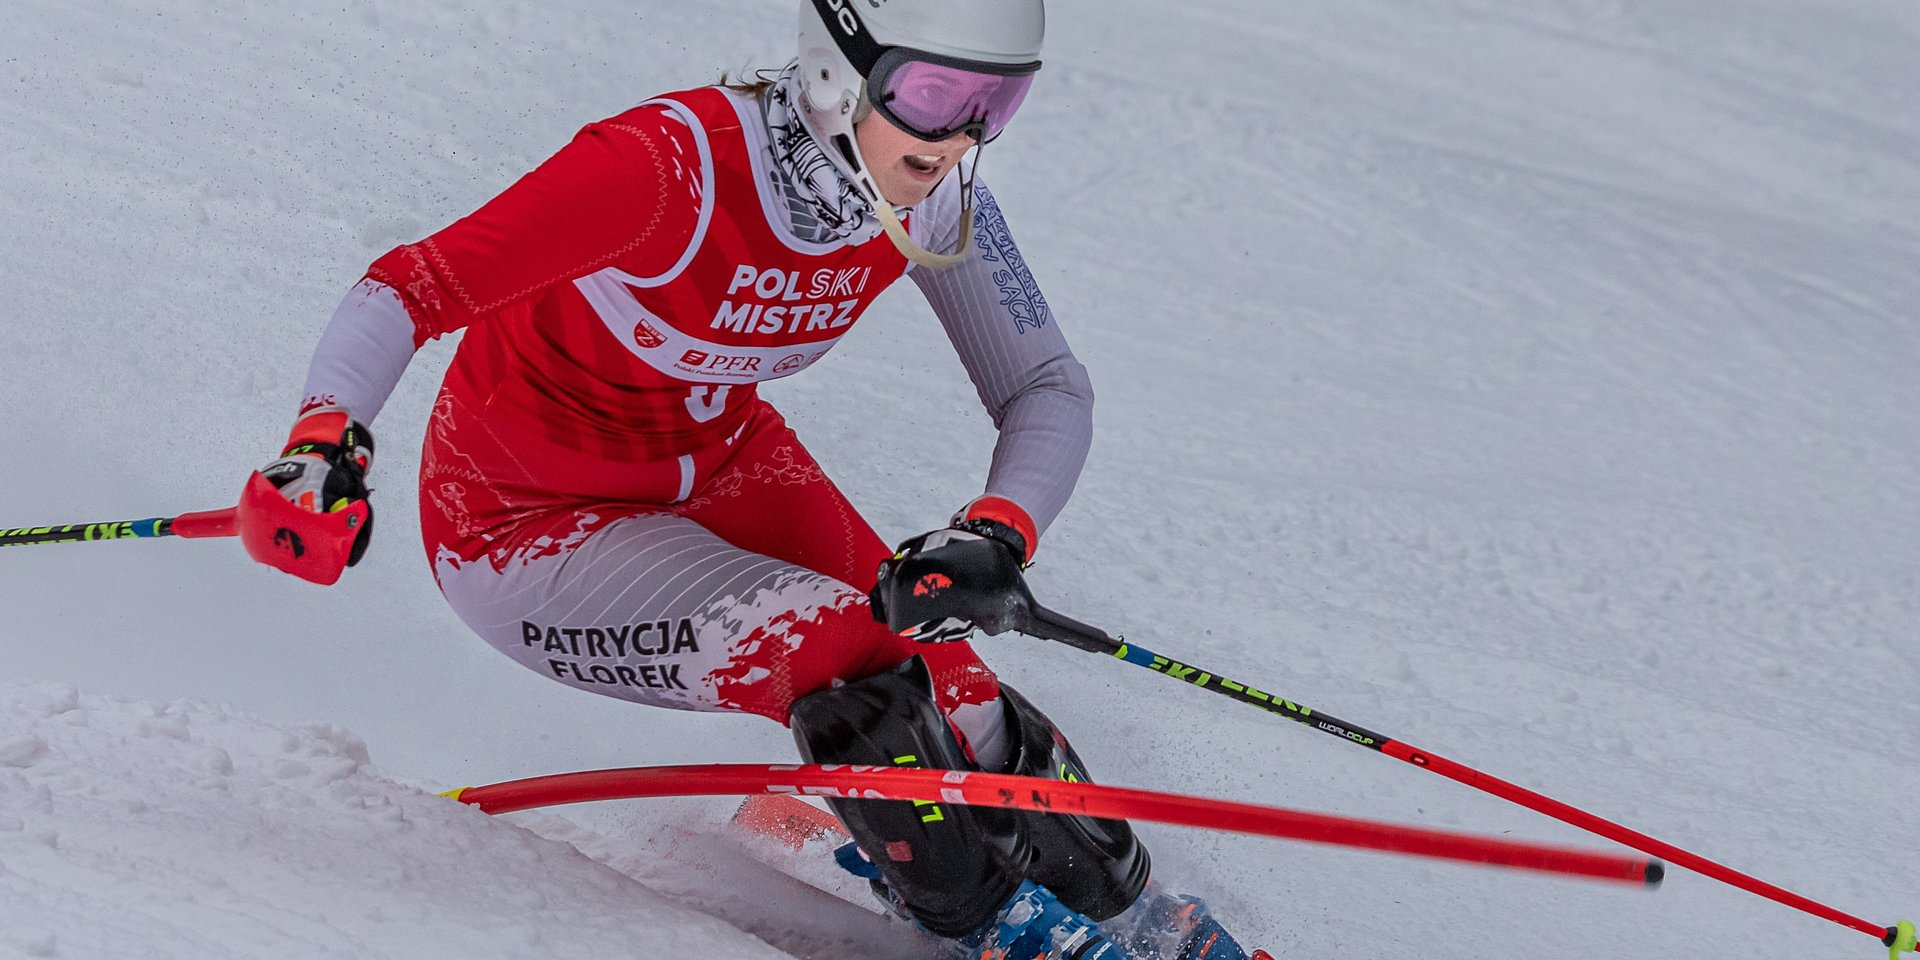 Ostatni sprawdzian przed Mistrzostwami Polski w narciarstwie alpejskim